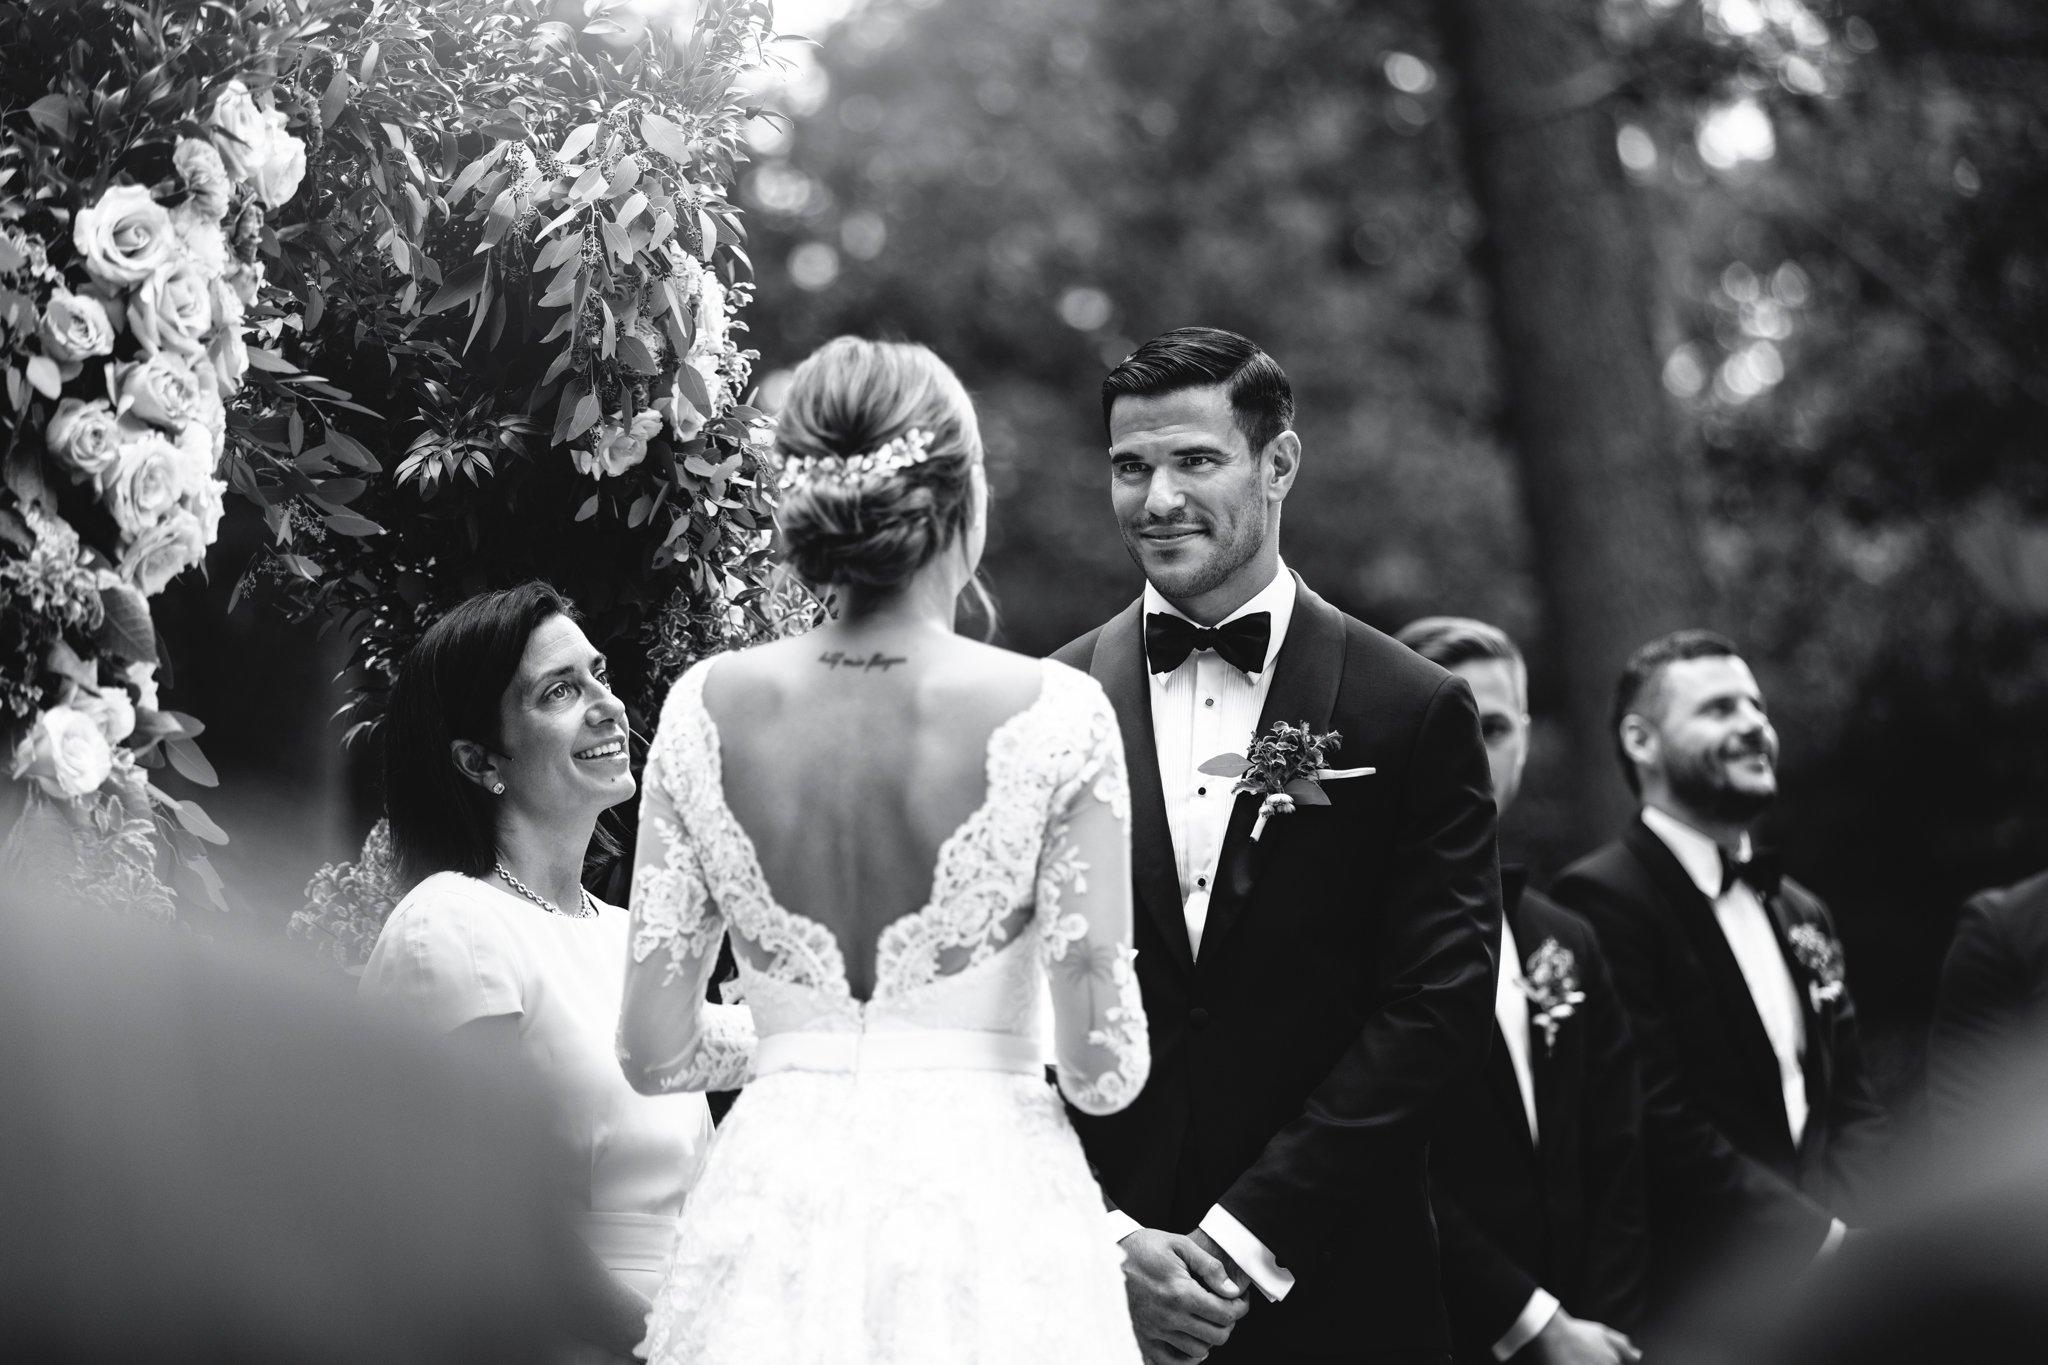 Kenza-Aleks-Wedding-Photo-by-Fabian-Wester-5